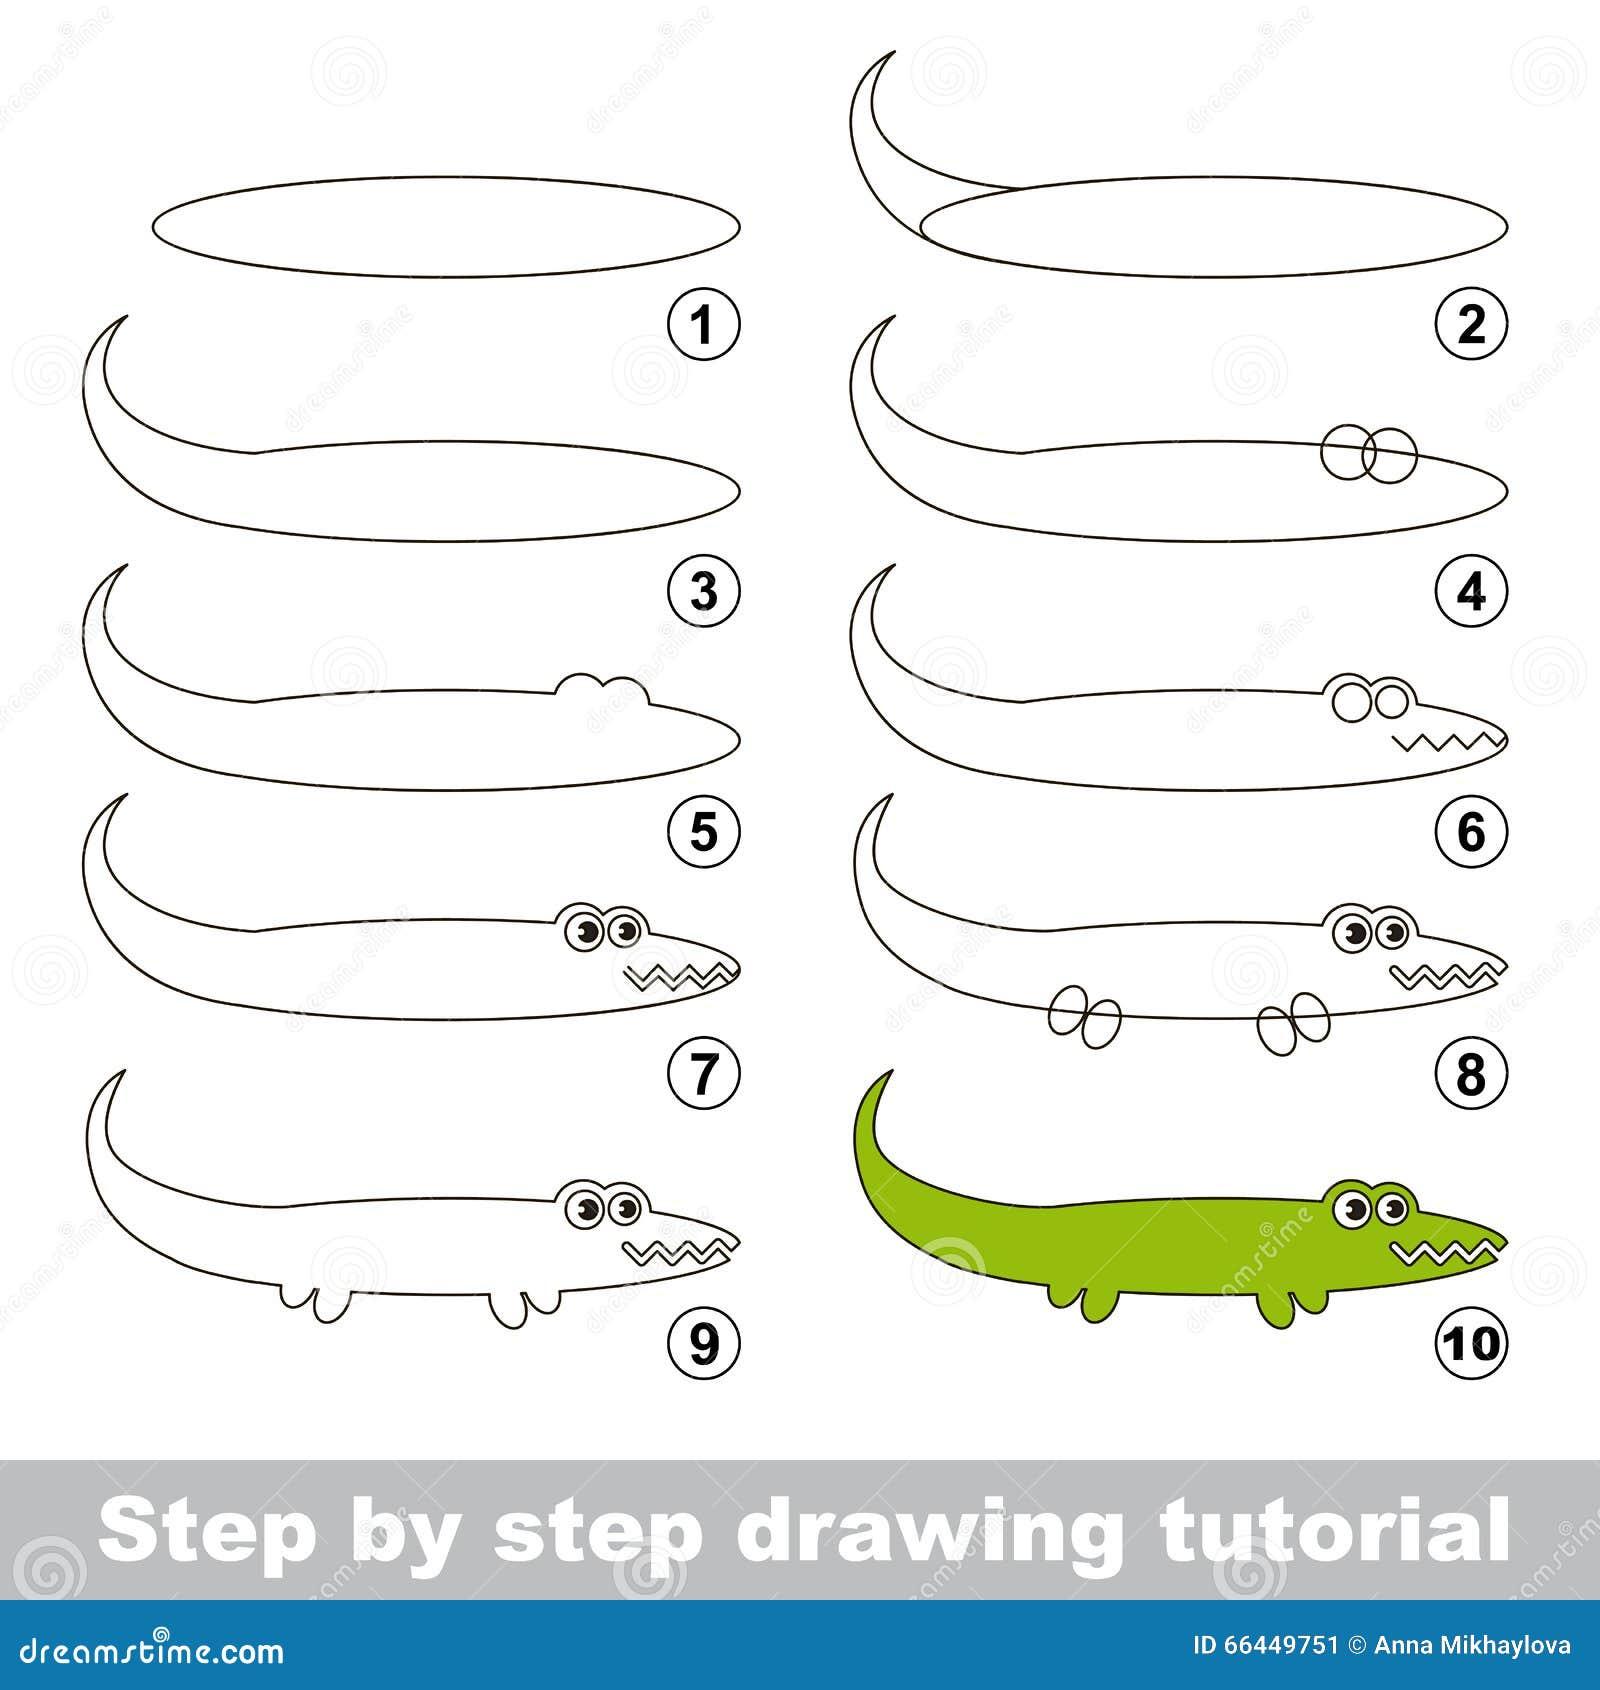 Esercitazione Del Disegno Come Disegnare Un Alligatore Illustrazione